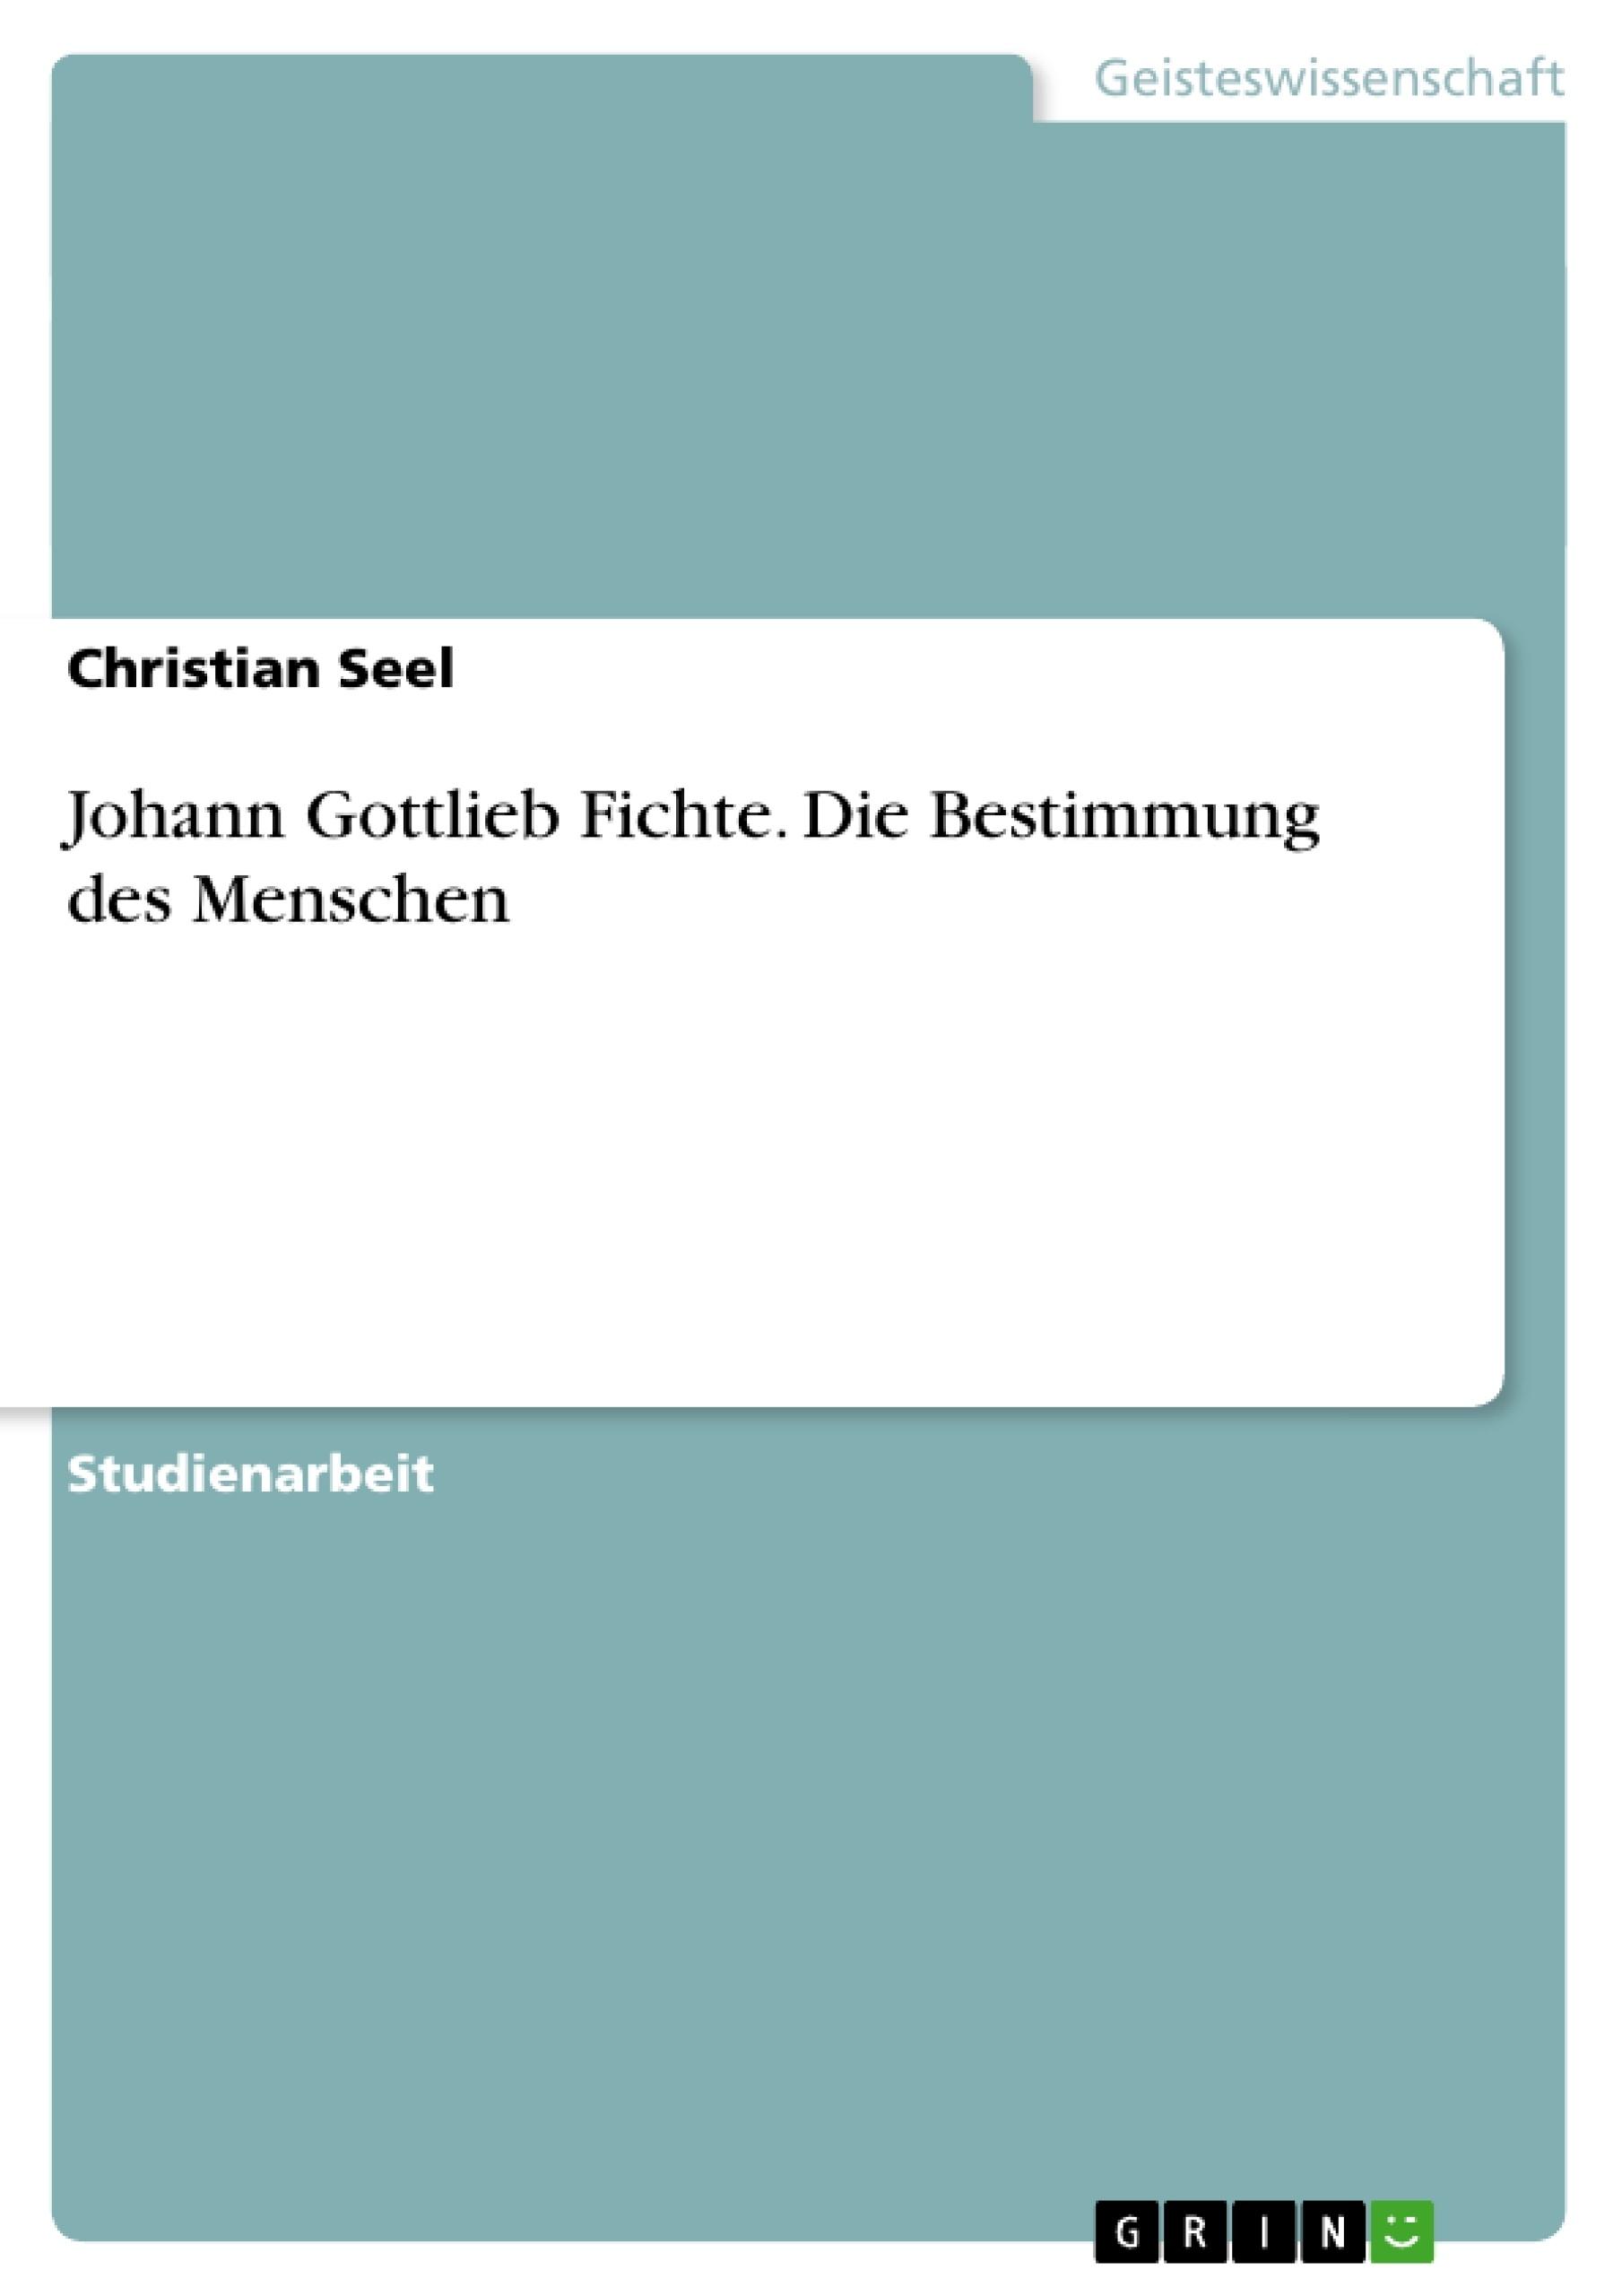 Titel: Johann Gottlieb Fichte. Die Bestimmung des Menschen